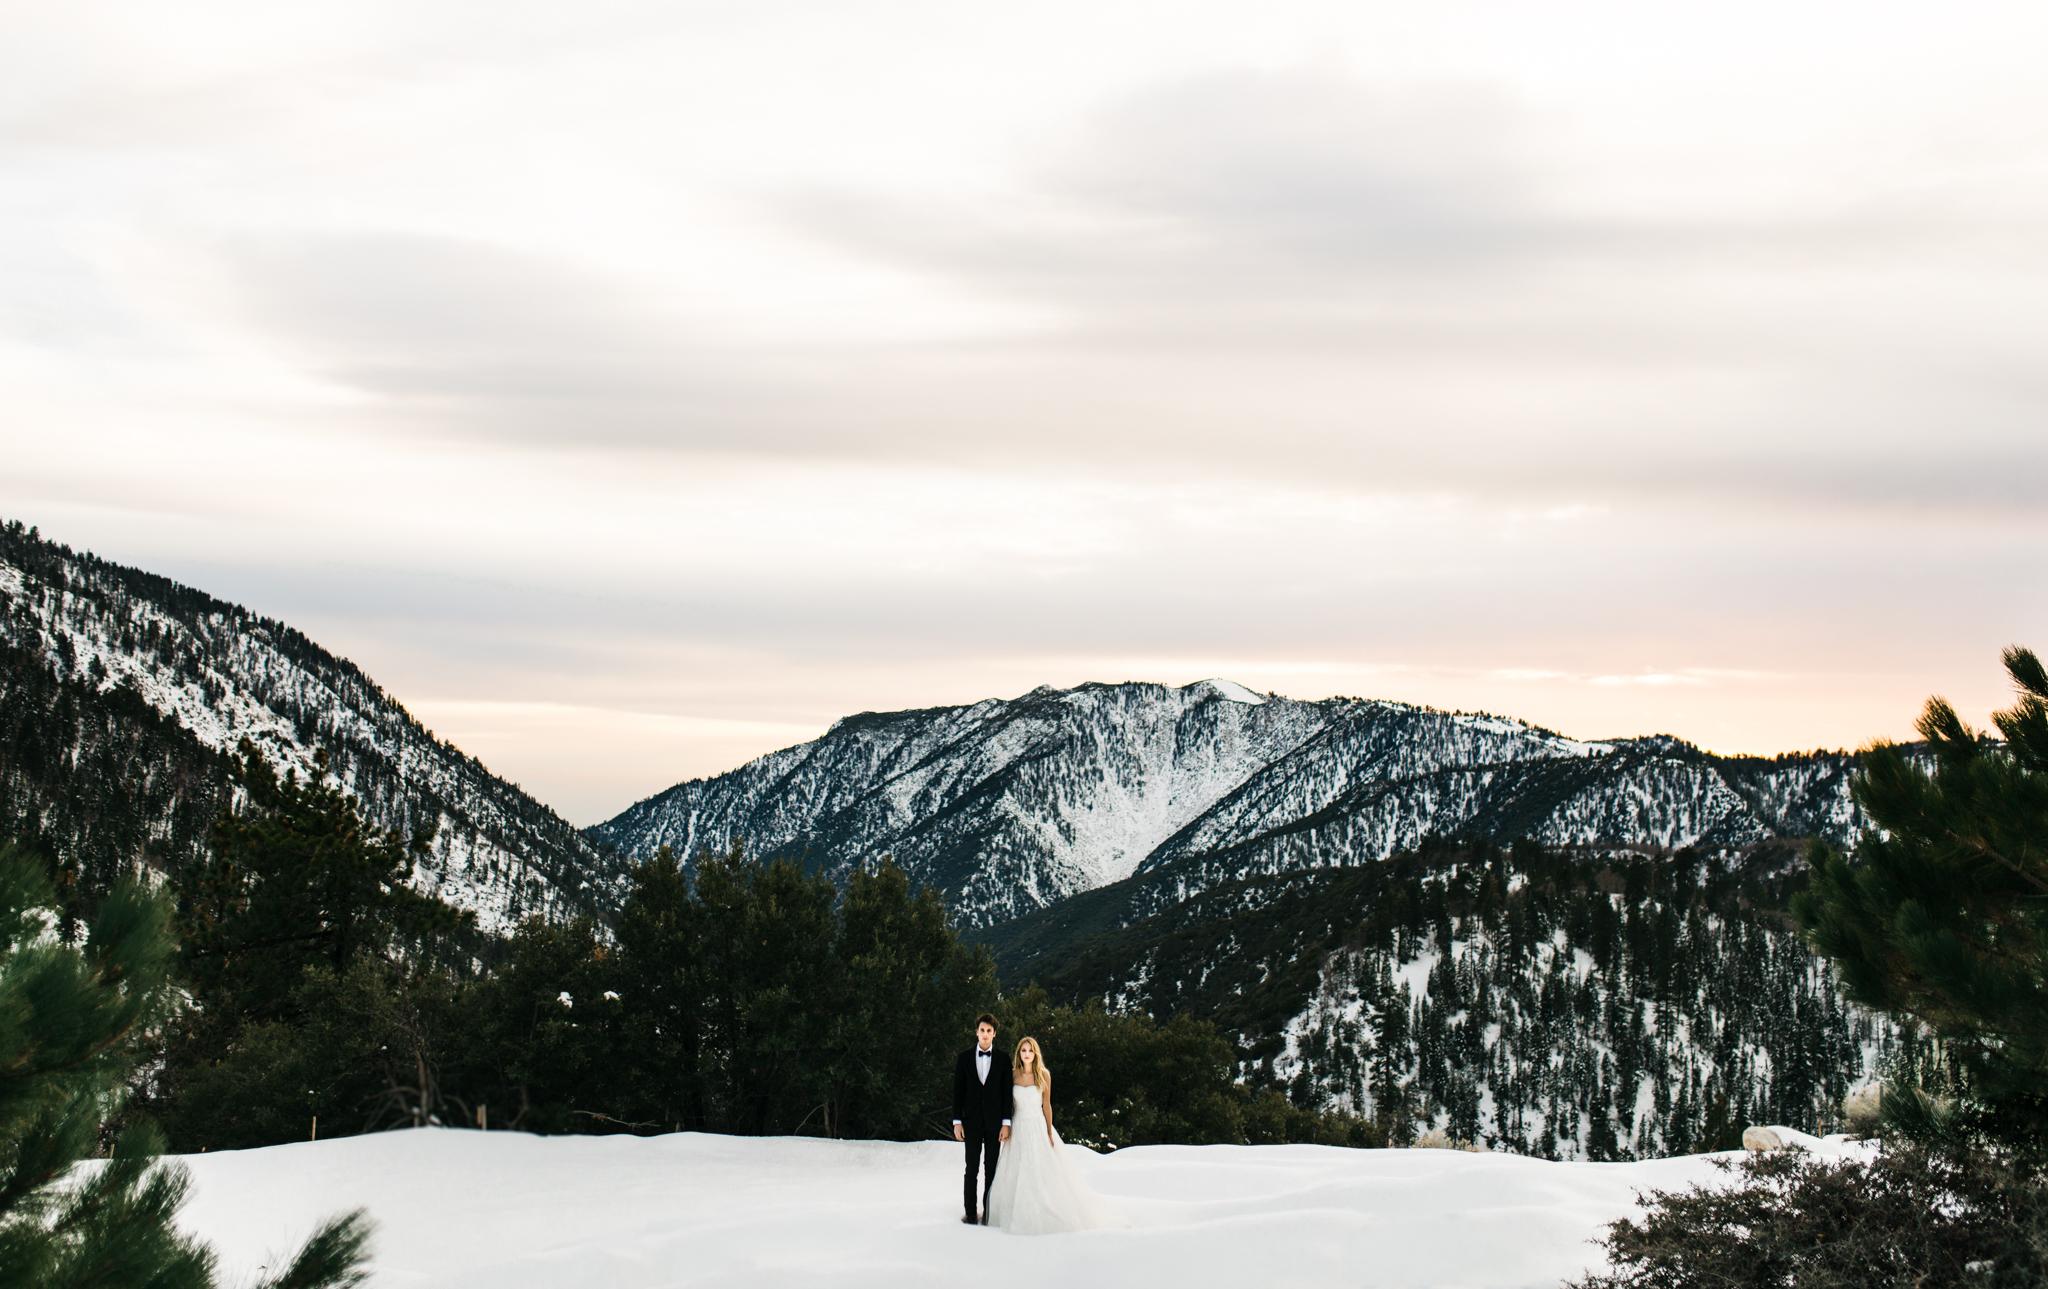 ©Isaiah & Taylor Photography - Ben & Kadin Honeymoon-038.jpg